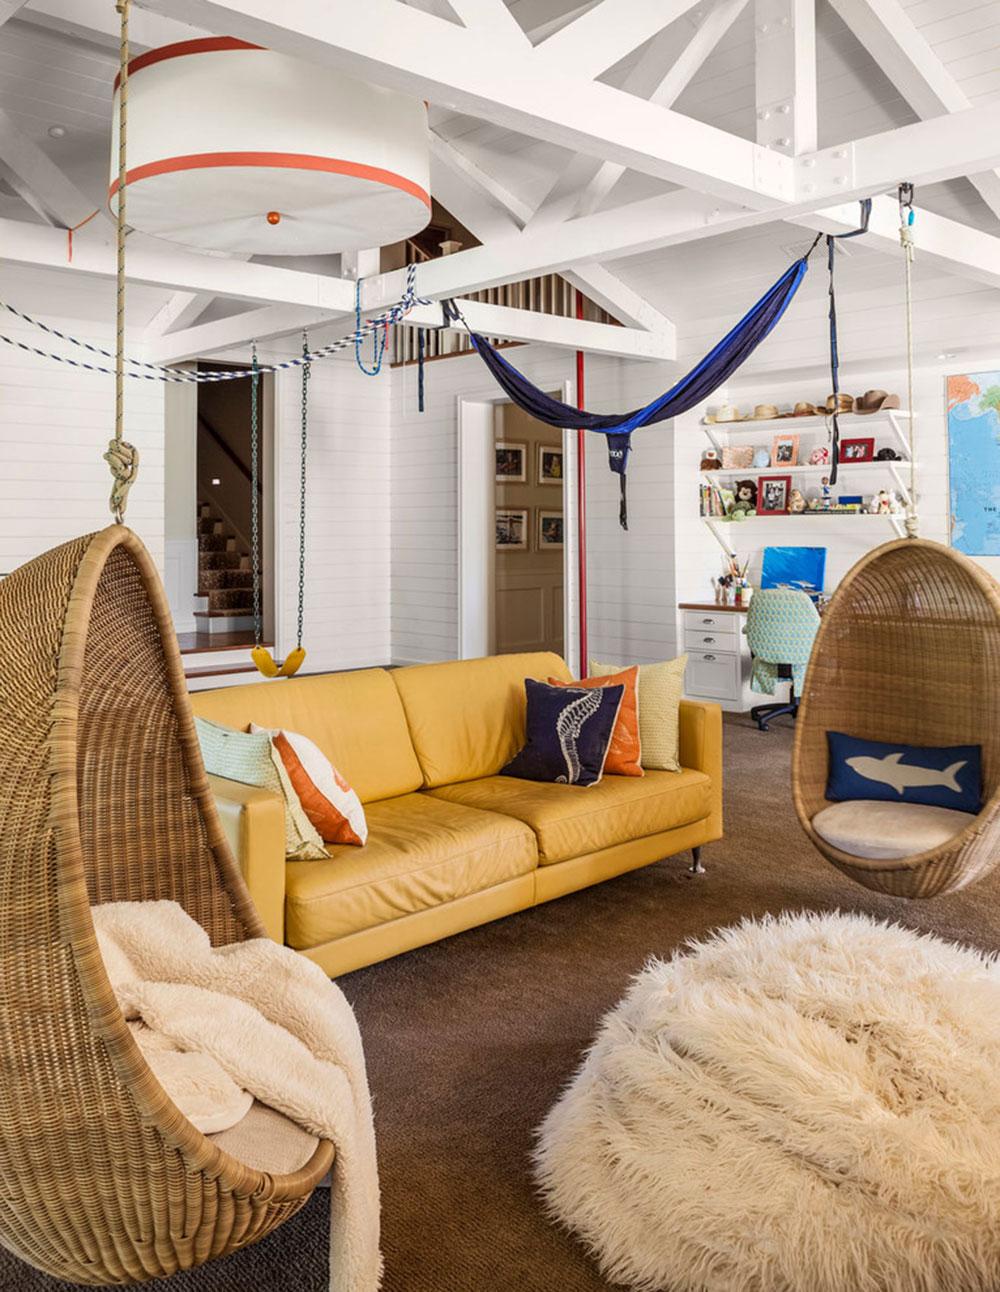 Dekorera-med-en-gul-soffa-of-the-sun12 Dekorera-med en gul soffa